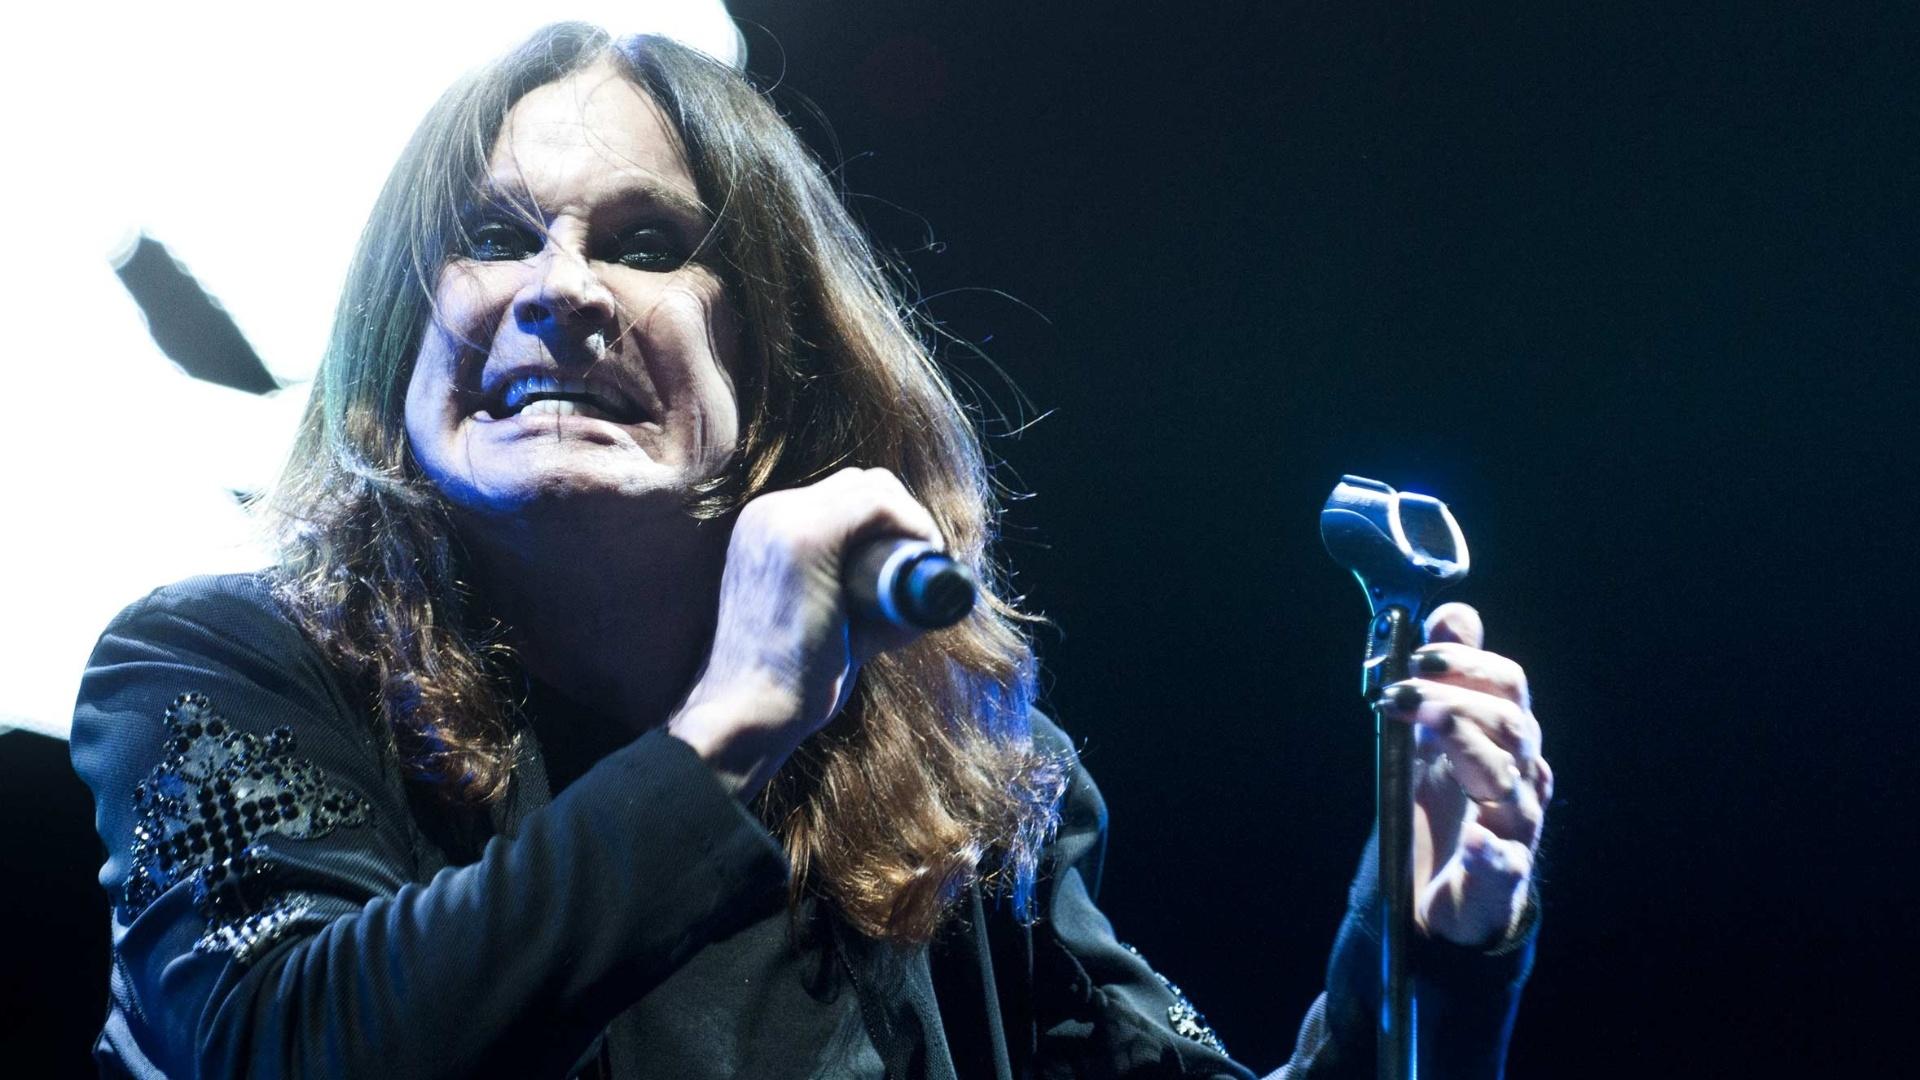 6.out.2013 - Com Ozzy Osbourne (vocal), Tony Iommi (guitarra) e Geezer Butler (baixo), a banda Black Sabbath fez o segundo show da turnê